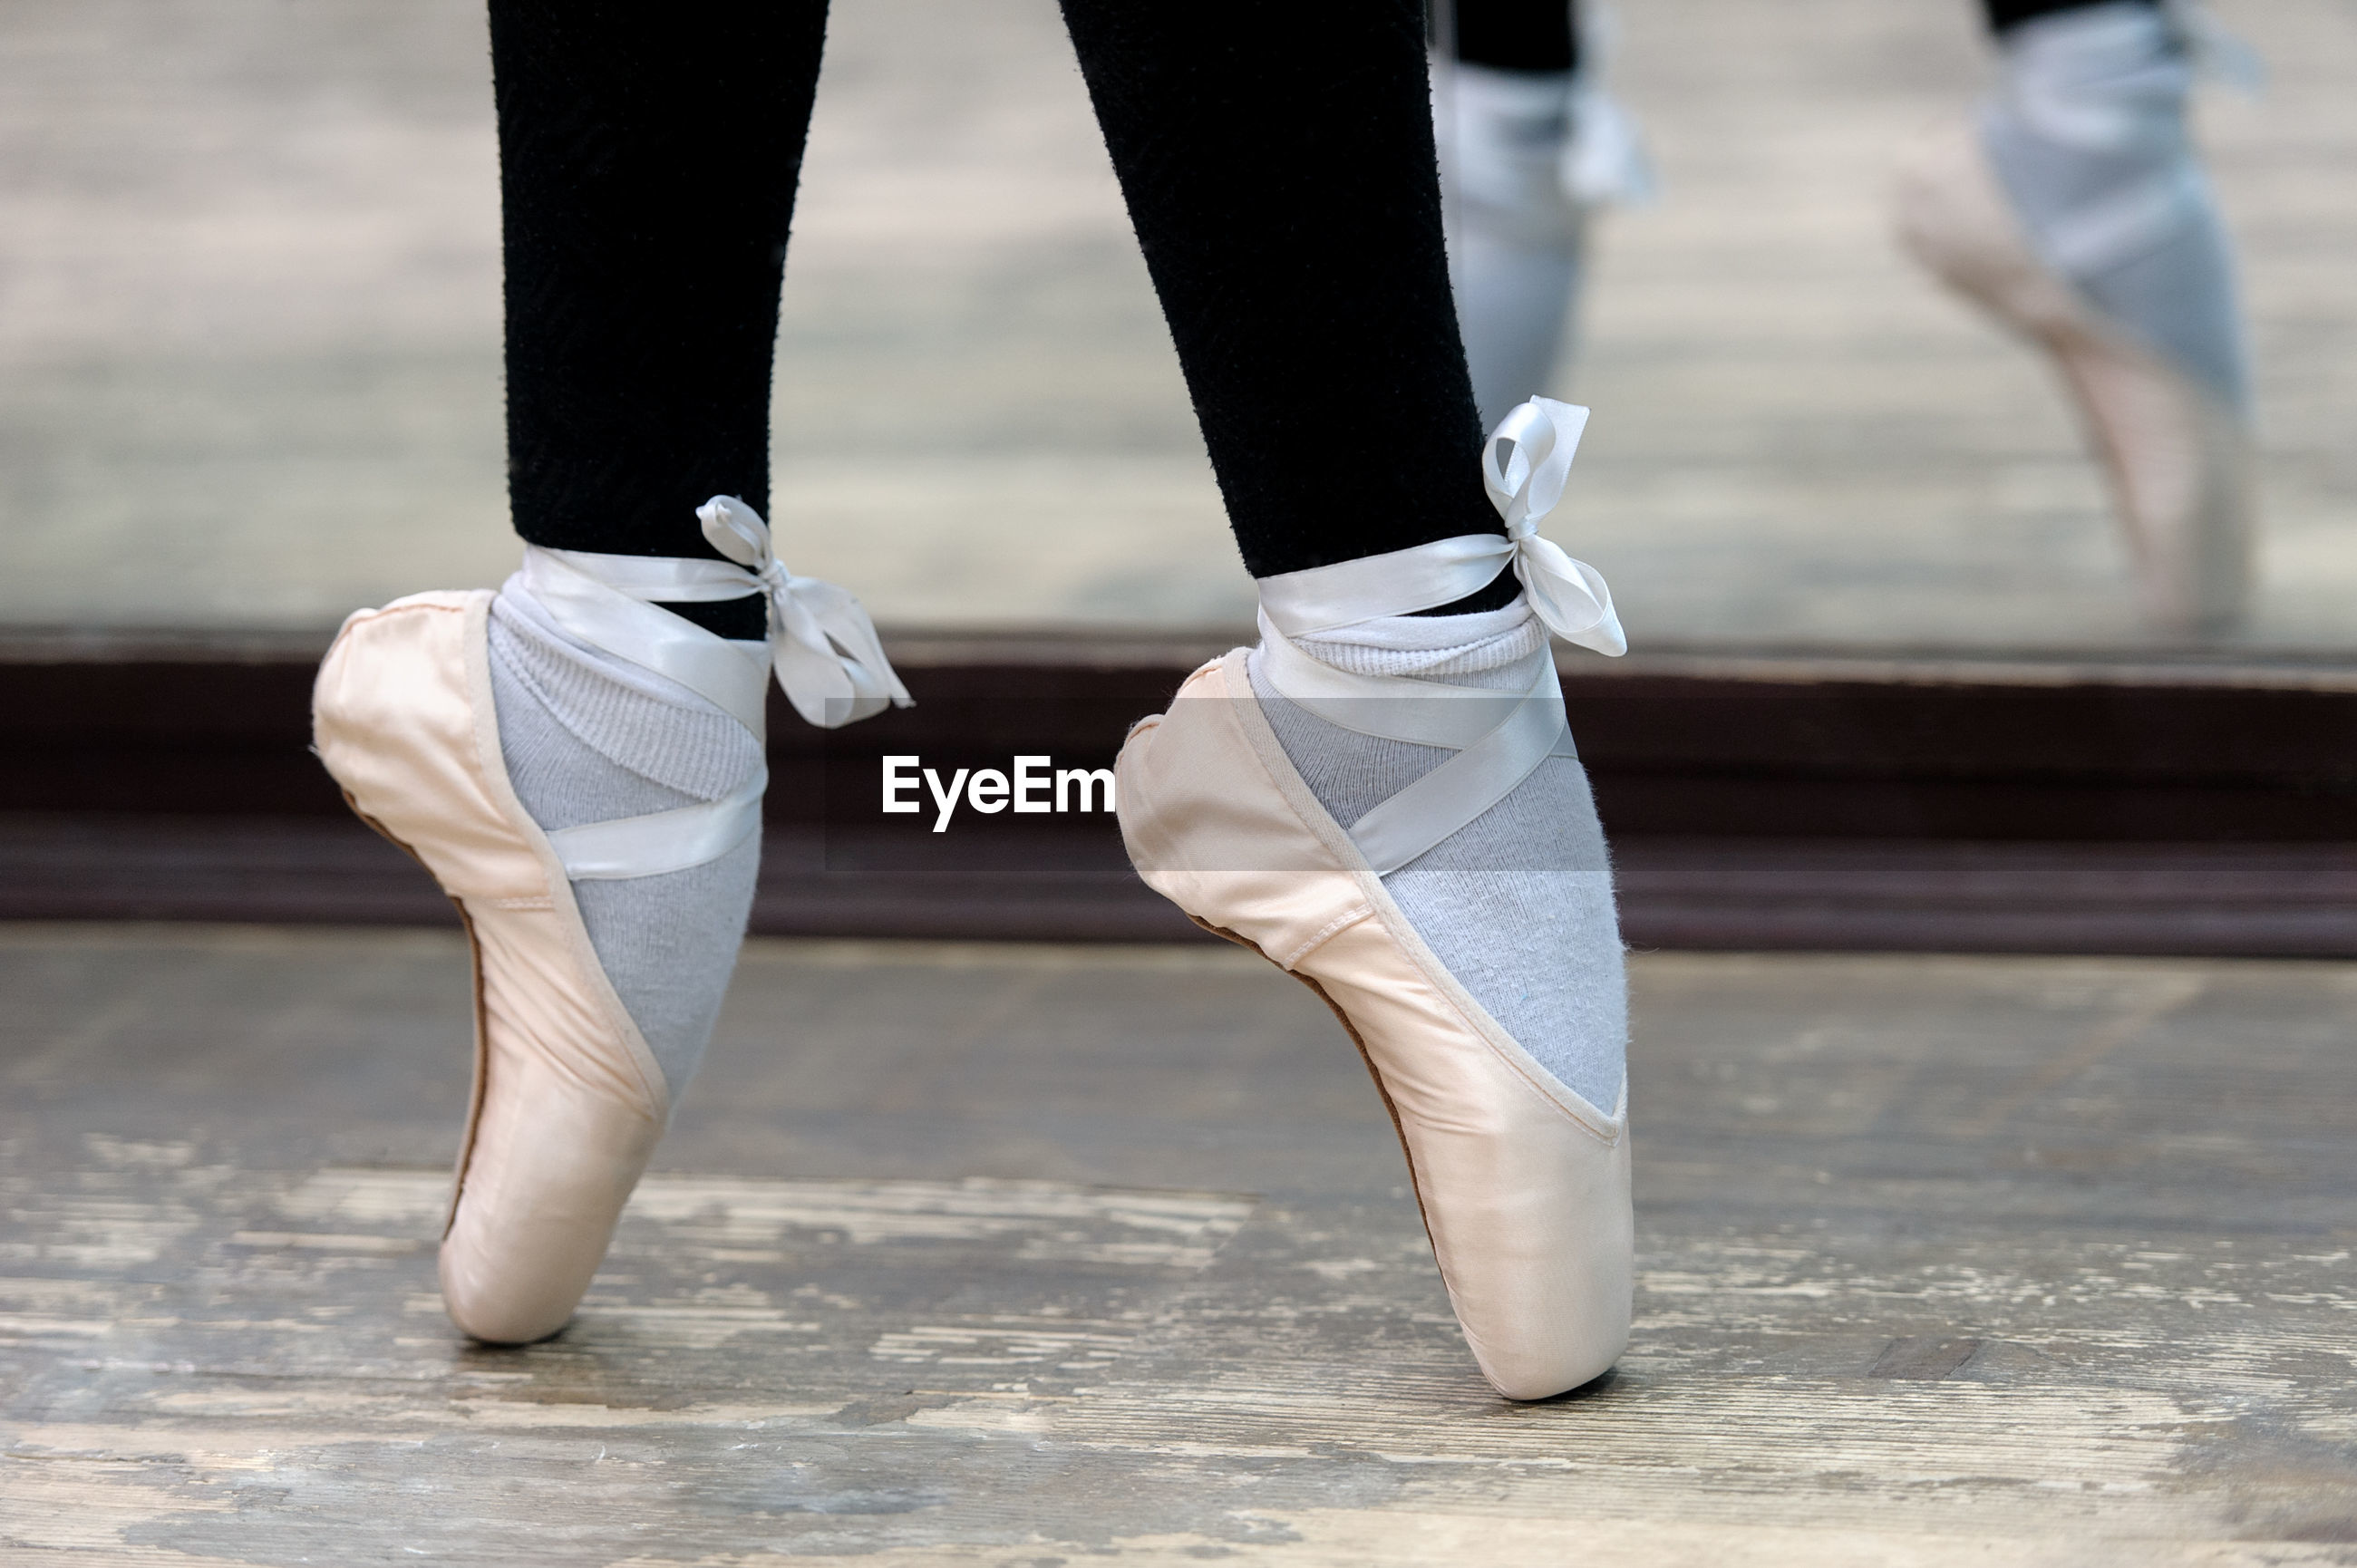 Low section of ballerina tiptoeing on hardwood floor